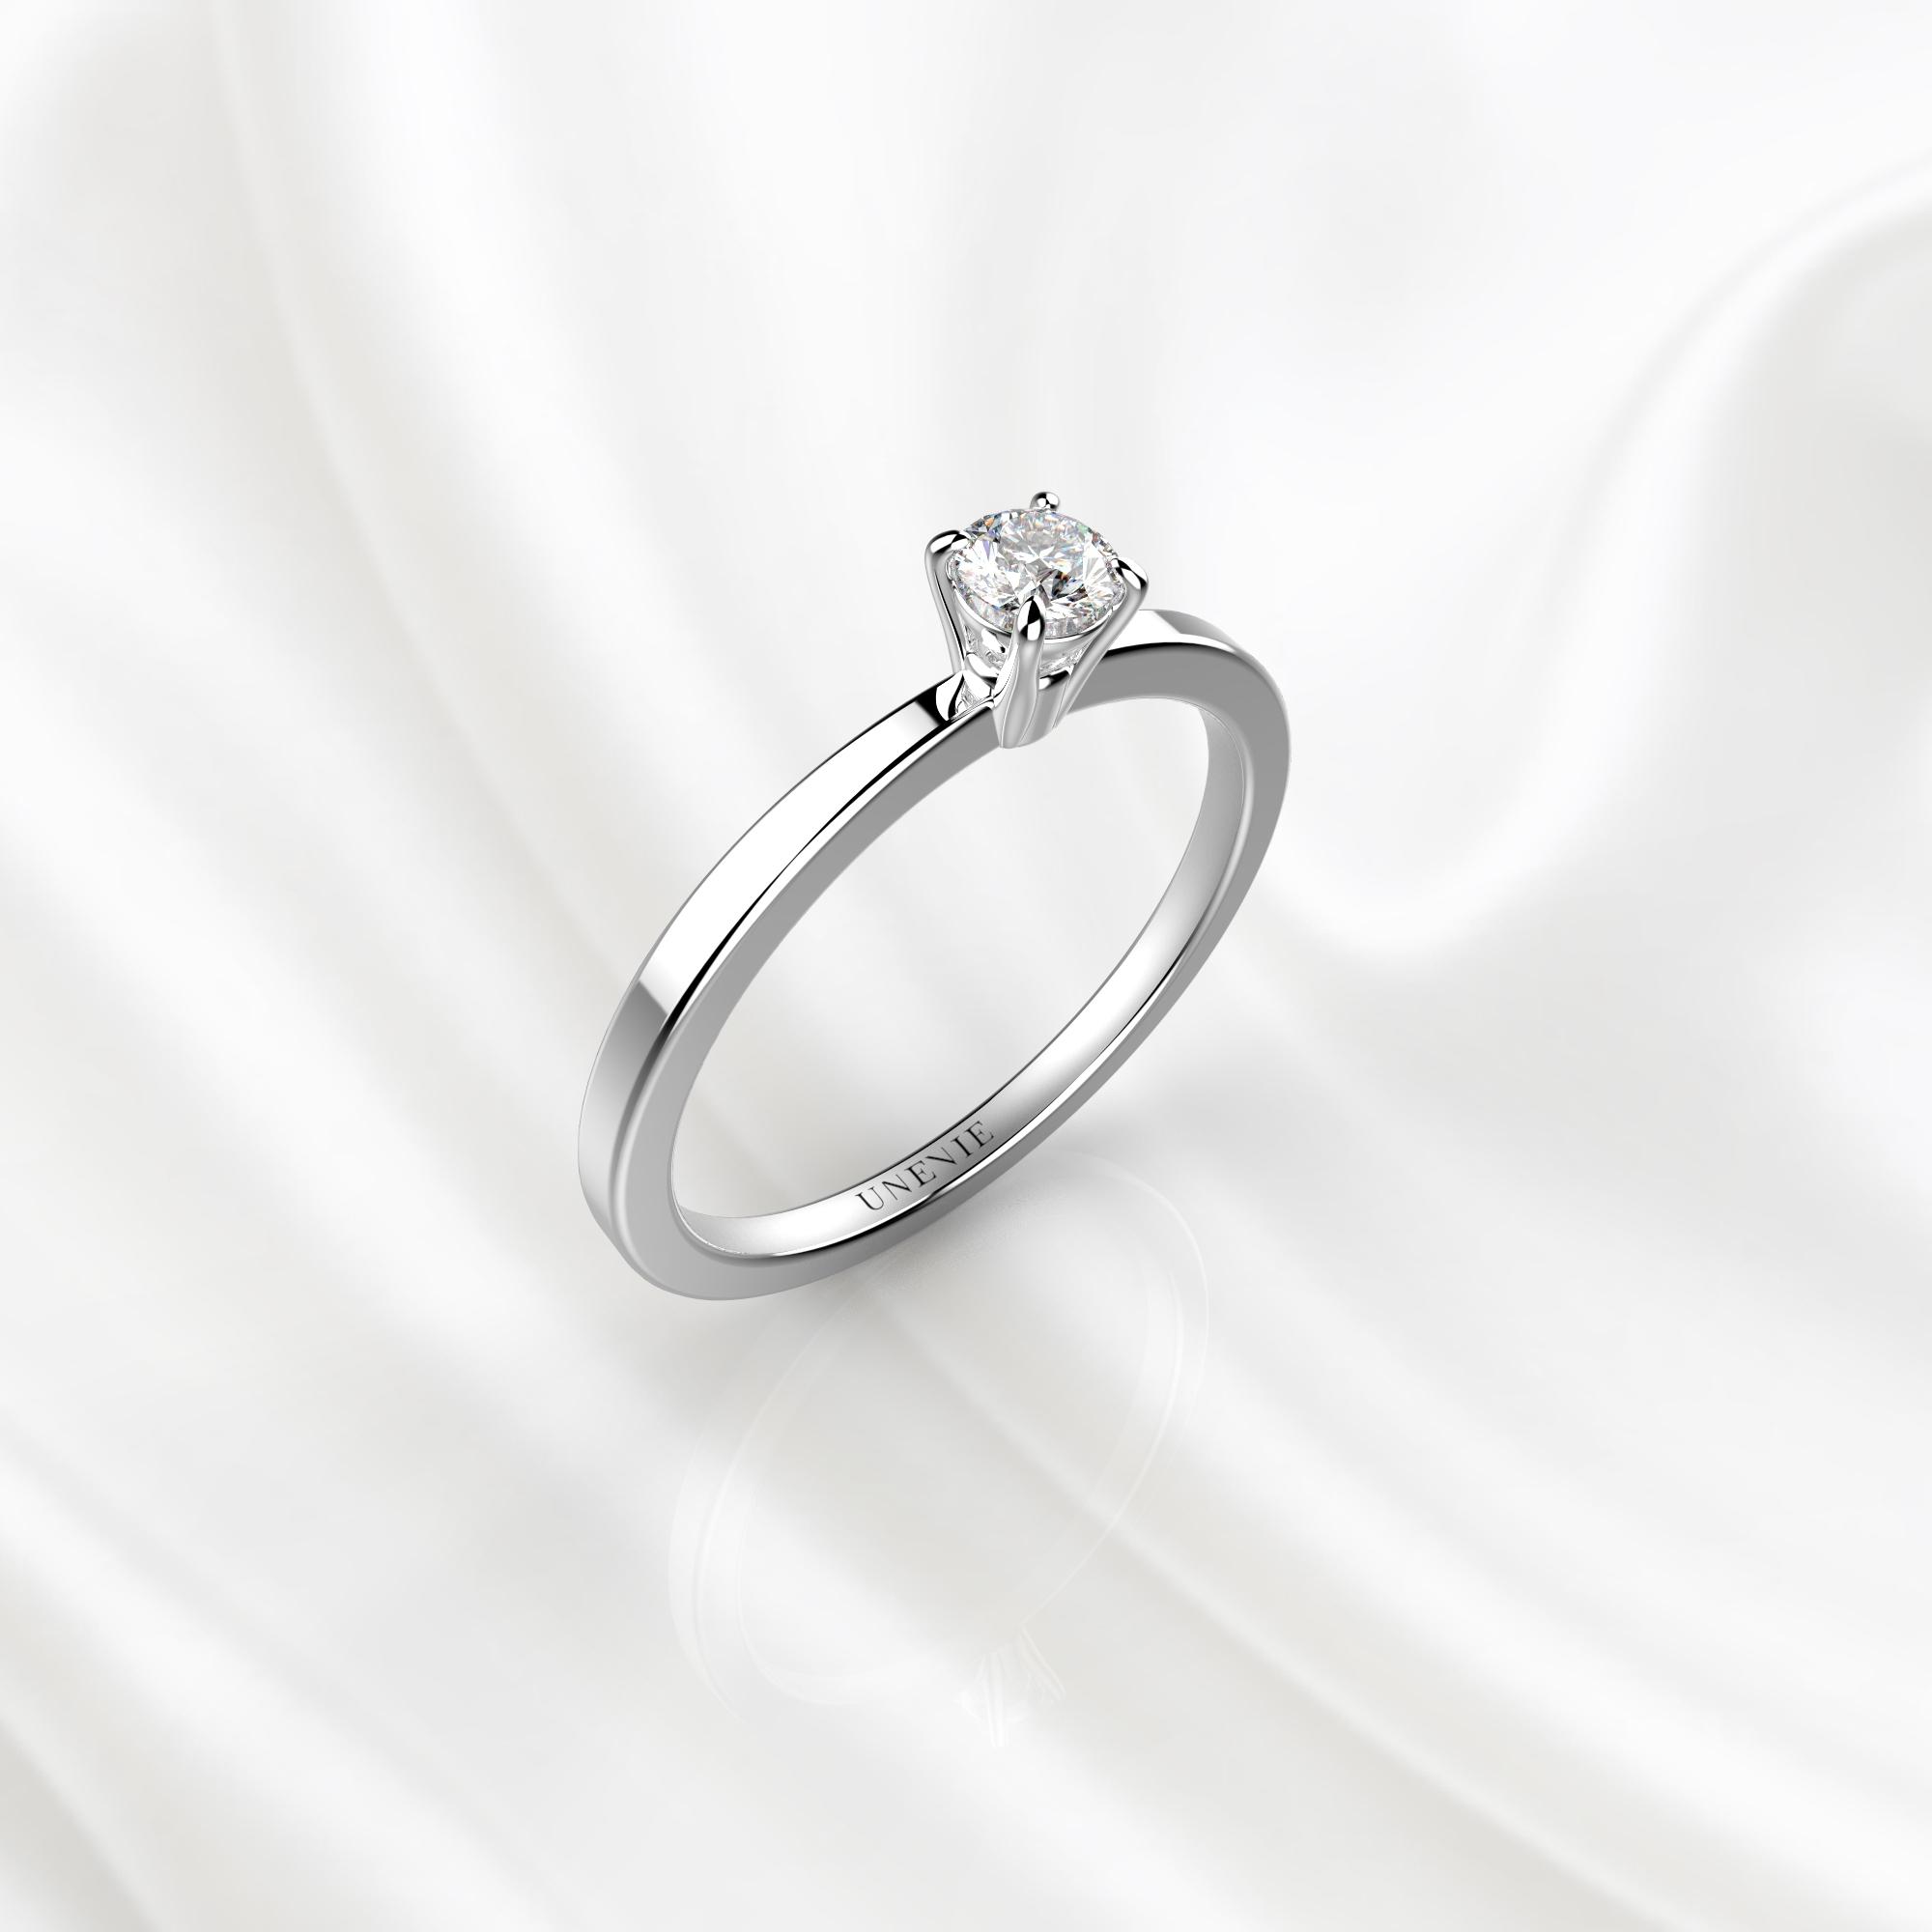 N22 Помолвочное кольцо из белого золота с бриллиантом 0.1 карат